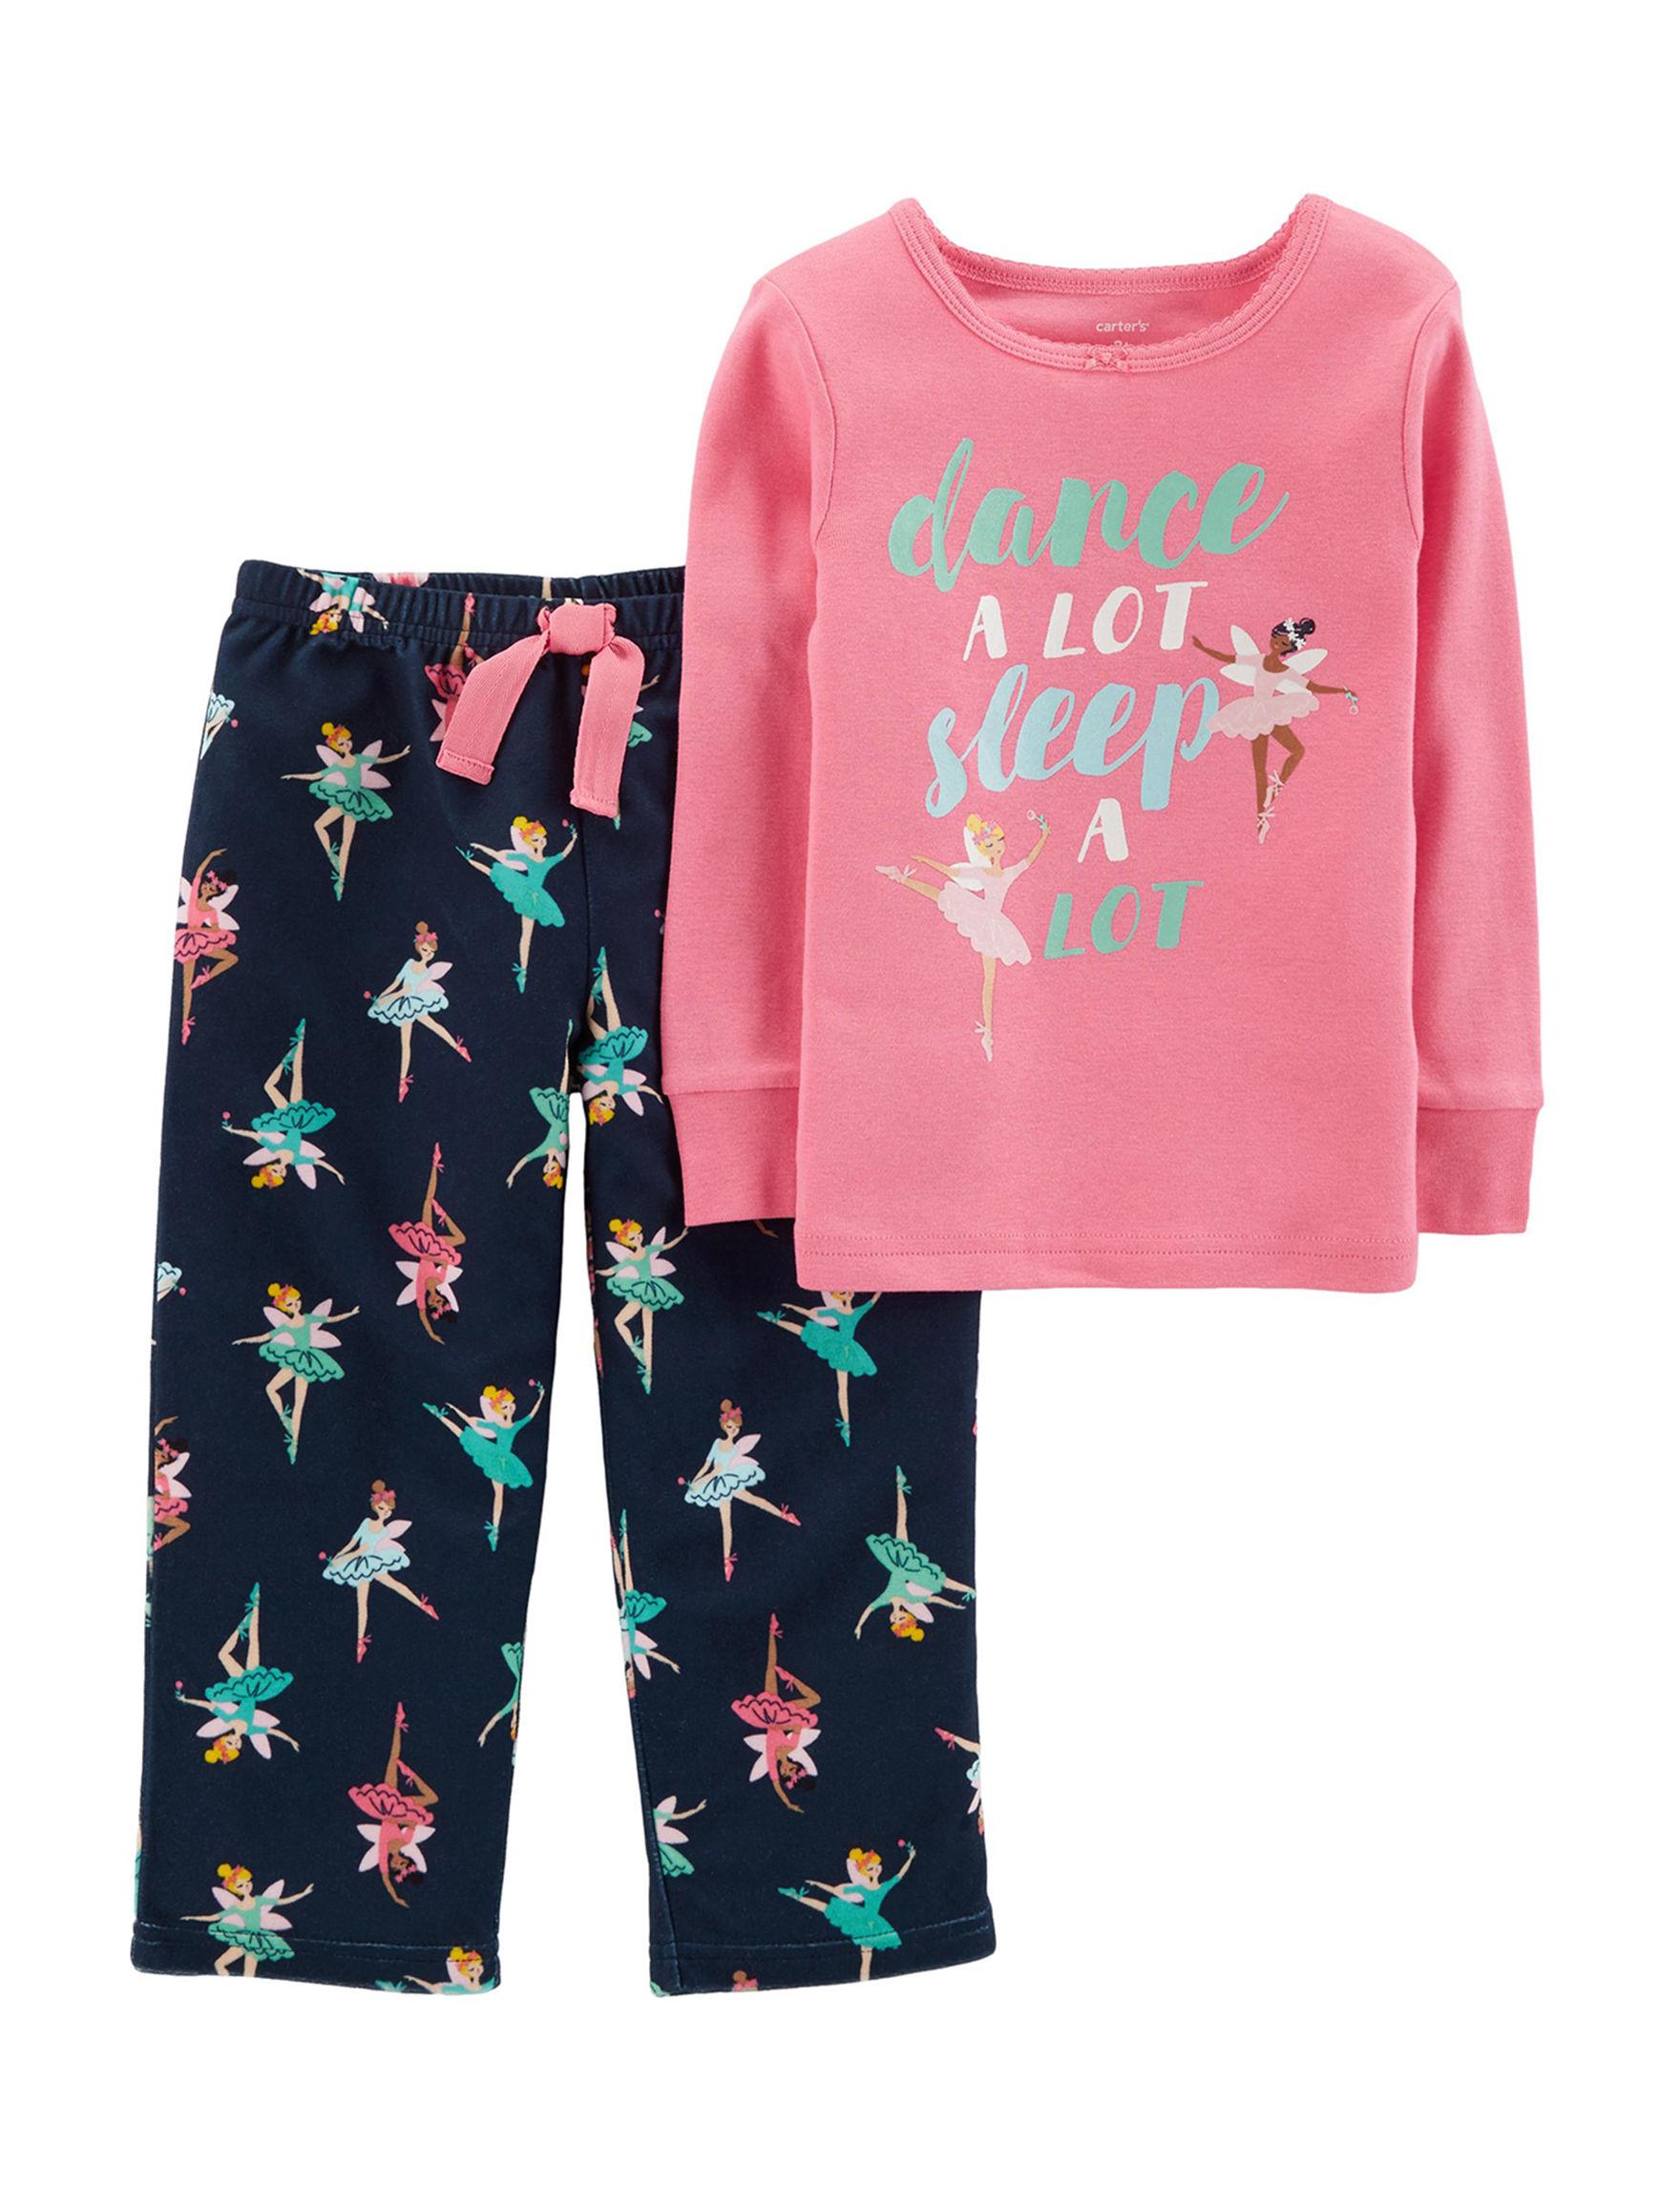 Carter's Pink / Navy Pajama Sets